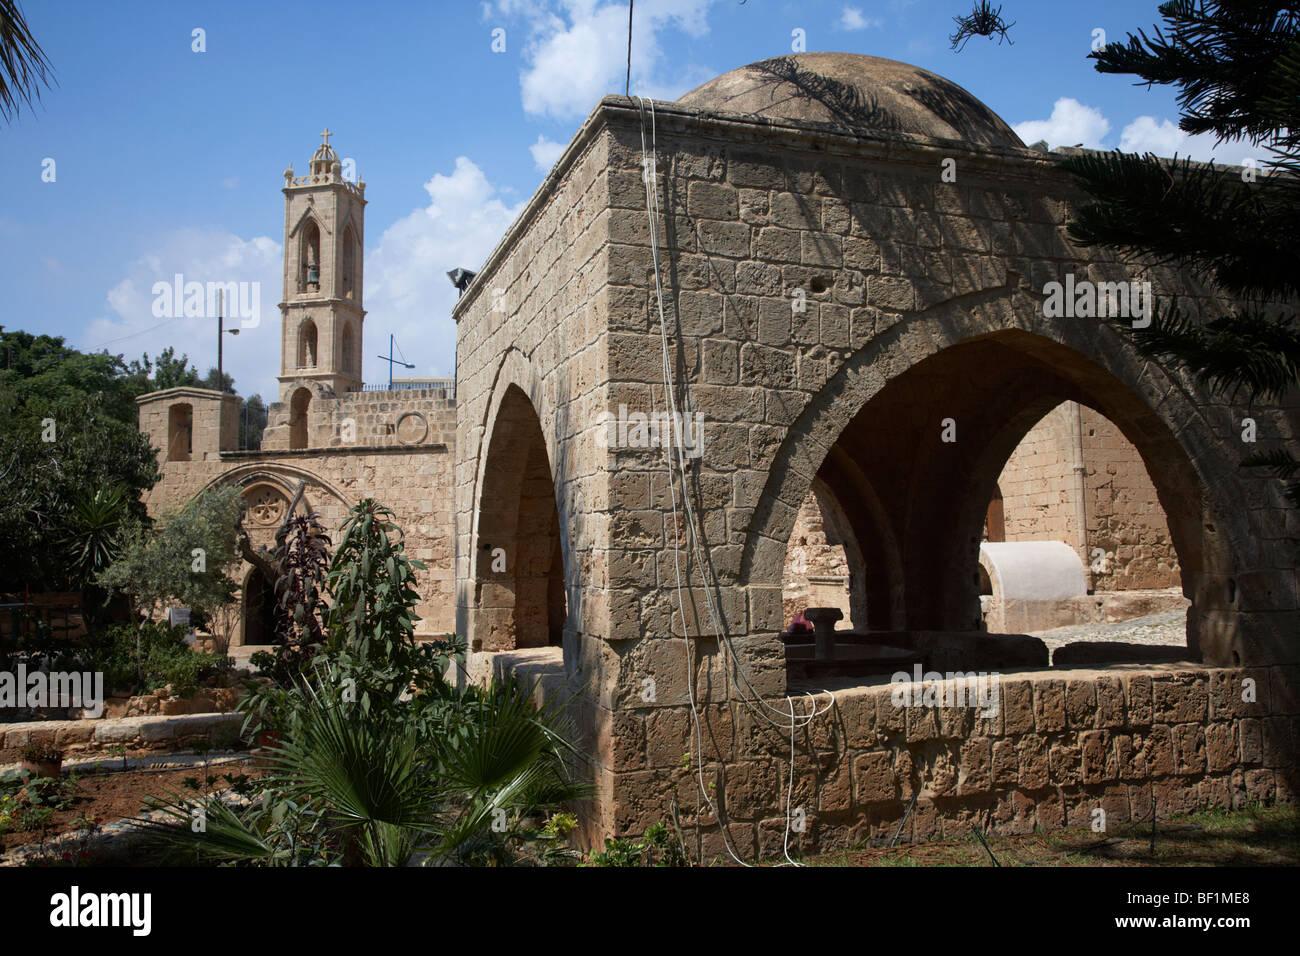 ayia napa monastery republic of cyprus - Stock Image